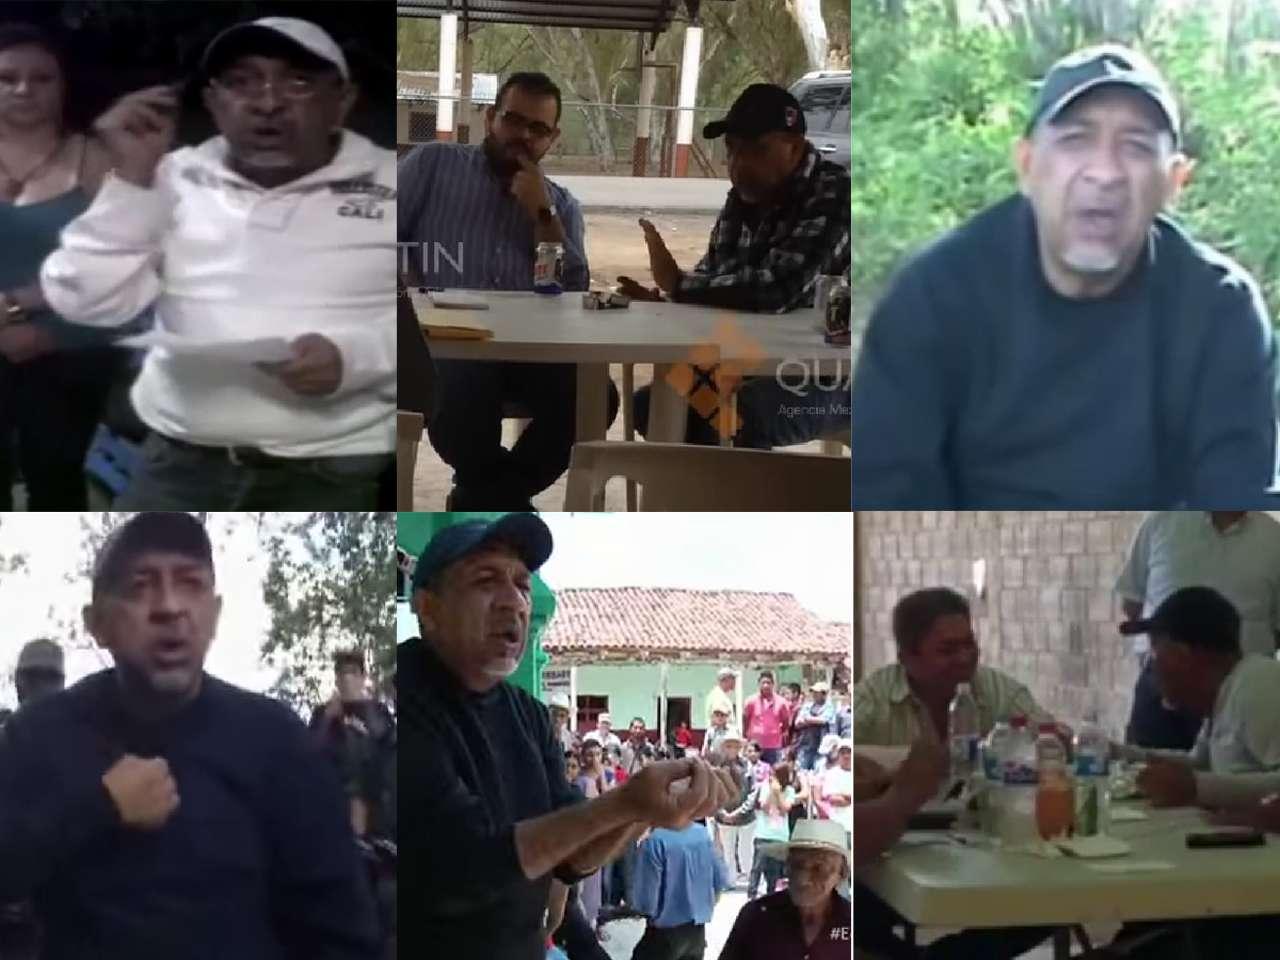 Además de ser fundador del grupo delictivo La Familia Michoacana y líder de Los Caballeros Templarios, Servando Gómez Martínez, 'La Tuta', fue un criminal muy mediático y activo en YouTube. Foto: Terra